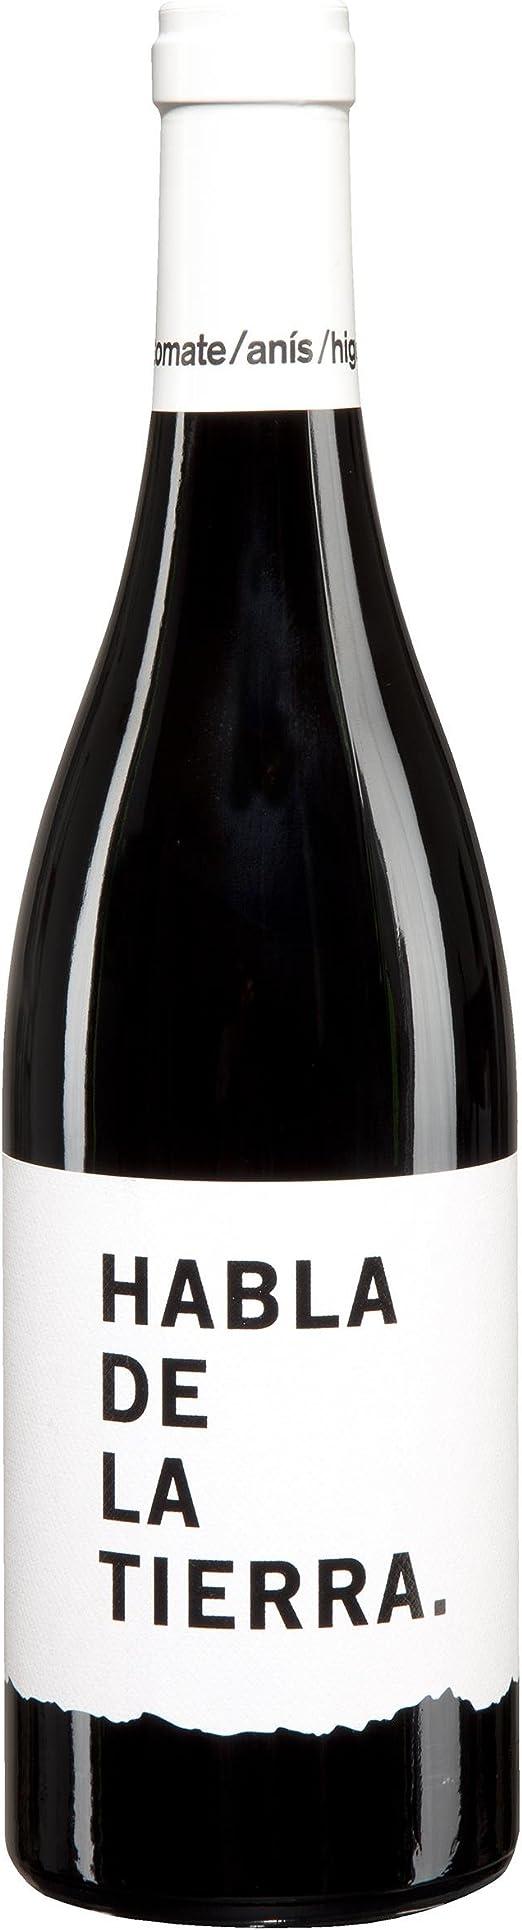 Habla De La Tierra Vino Tinto Botella 75 Cl Amazon Es Alimentación Y Bebidas